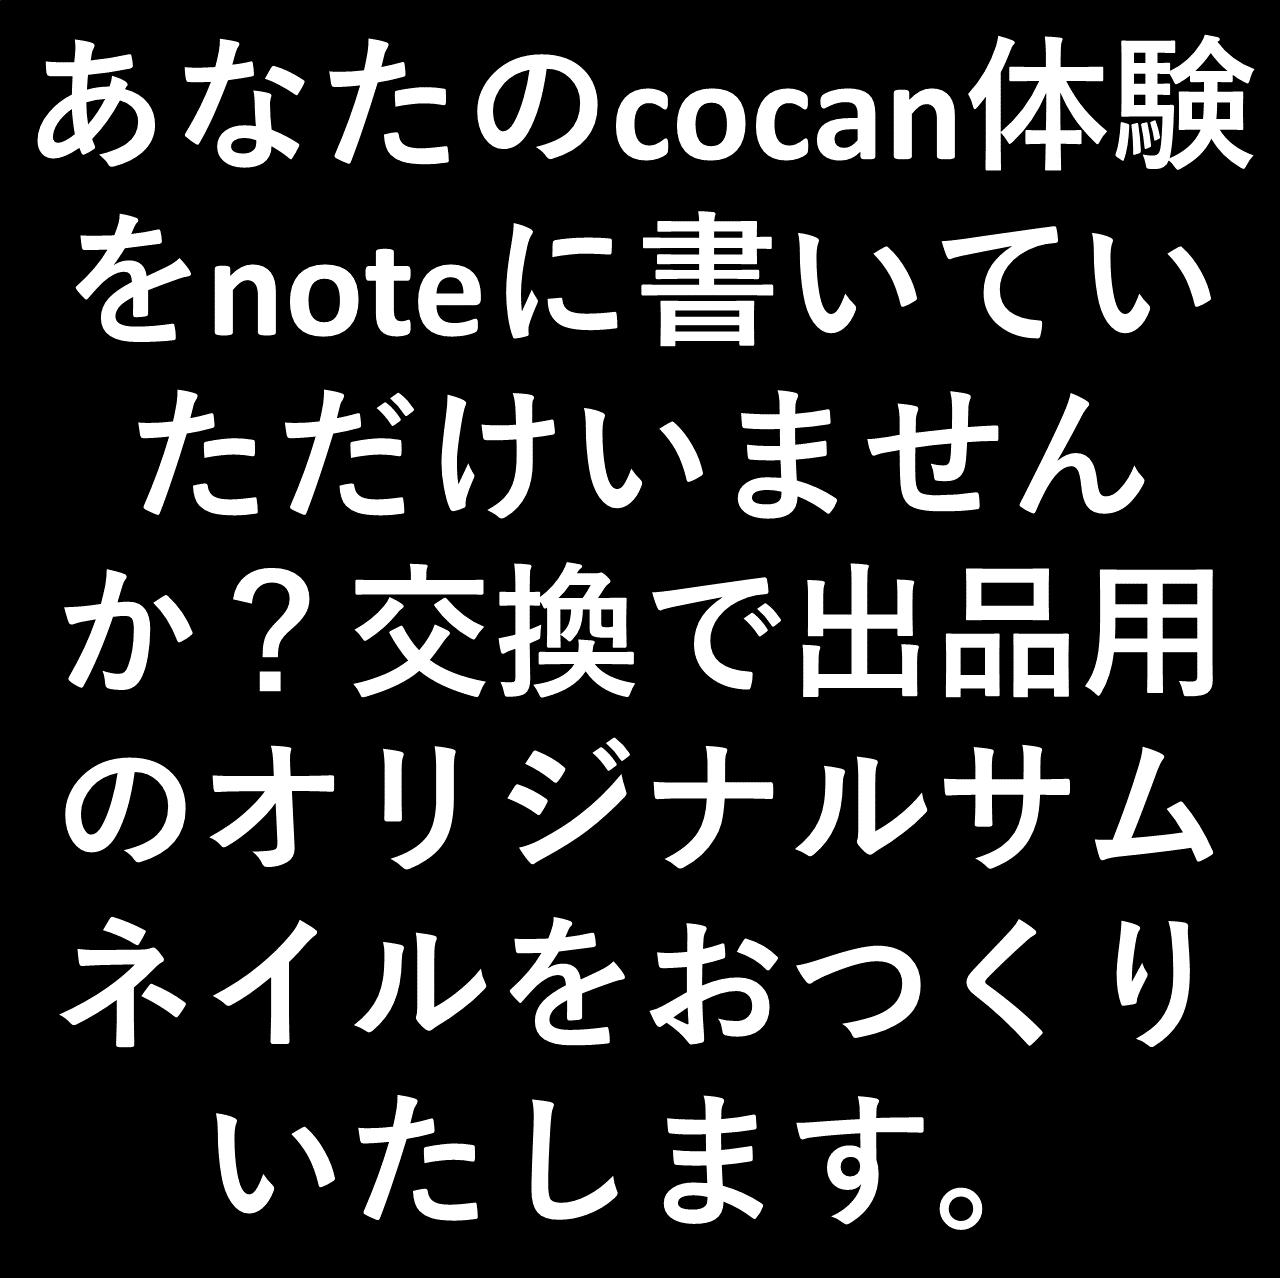 cocan出品用オリジナルサムネイルつくります。(交換で、あなたのcocan体験をnoteに書いていただけないでしょうか!)